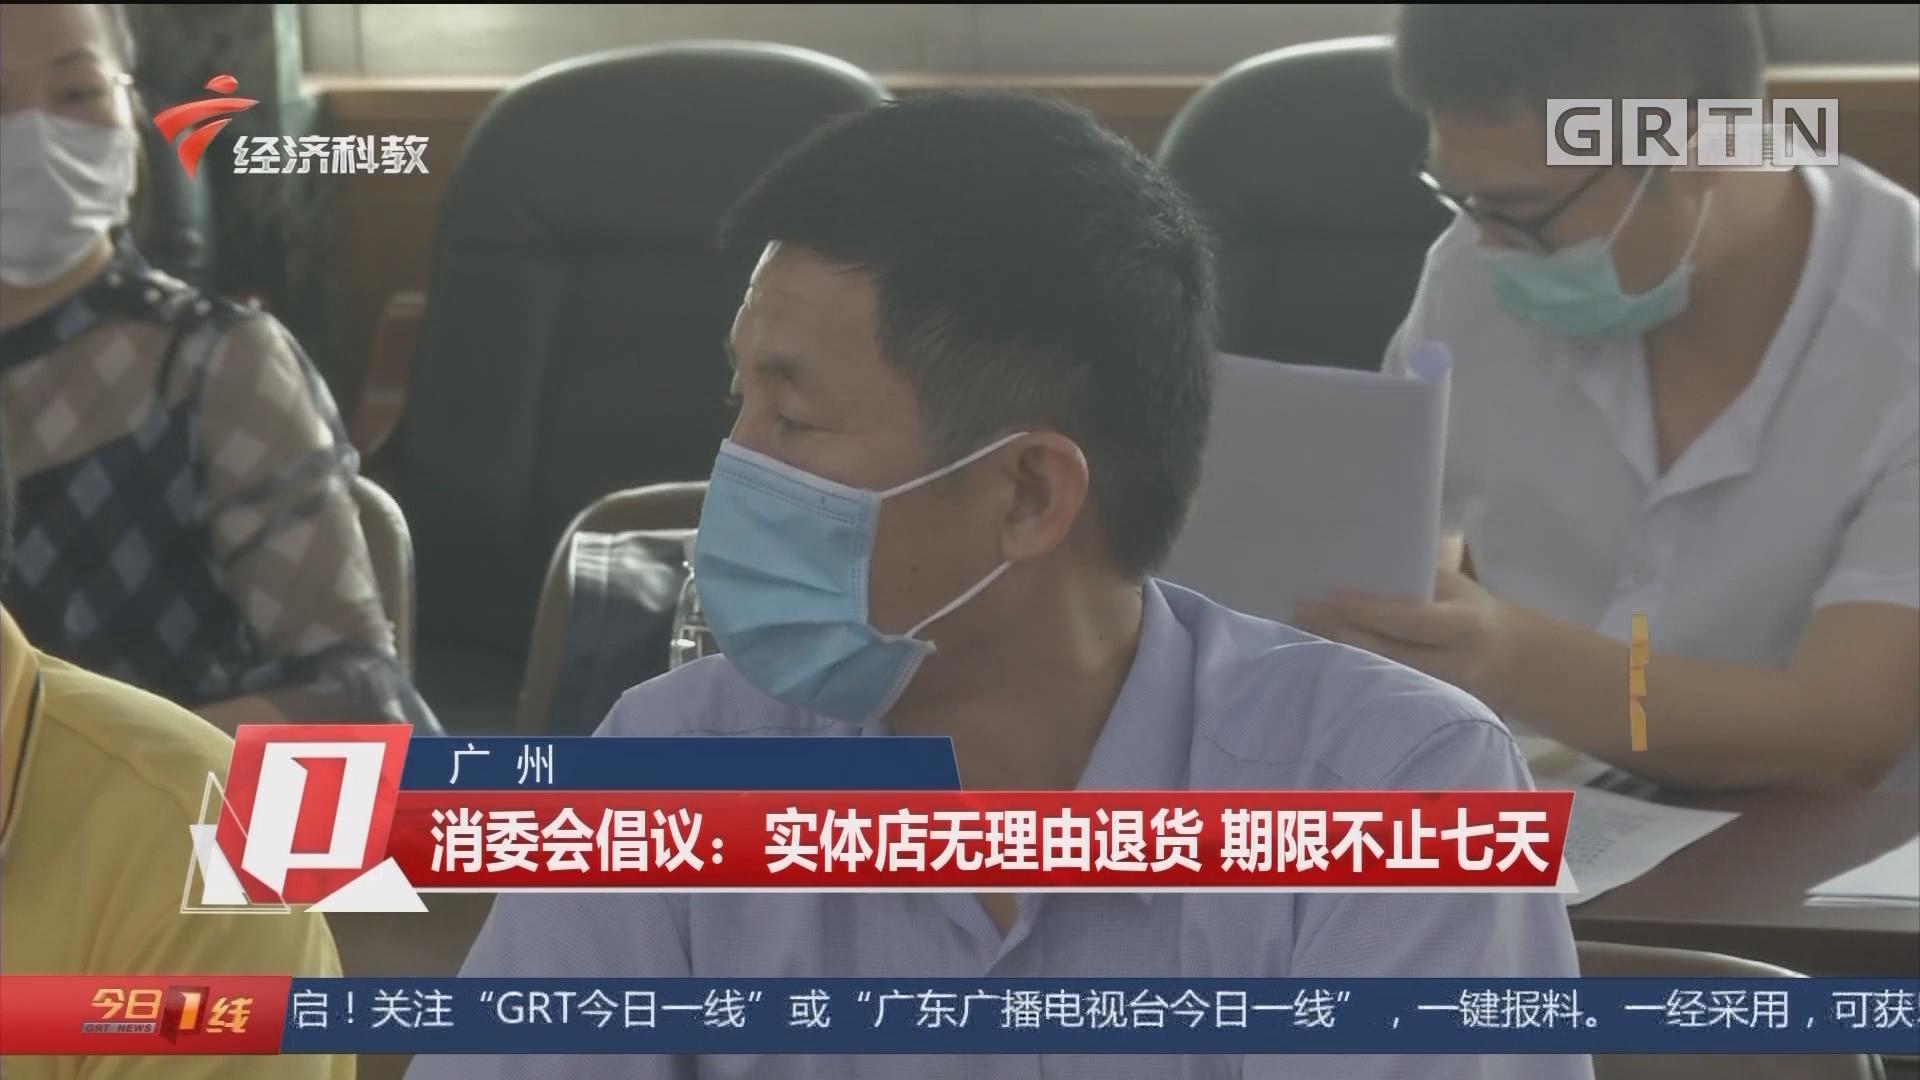 廣州 消委會倡議:實體店無理由退貨 期限不止七天